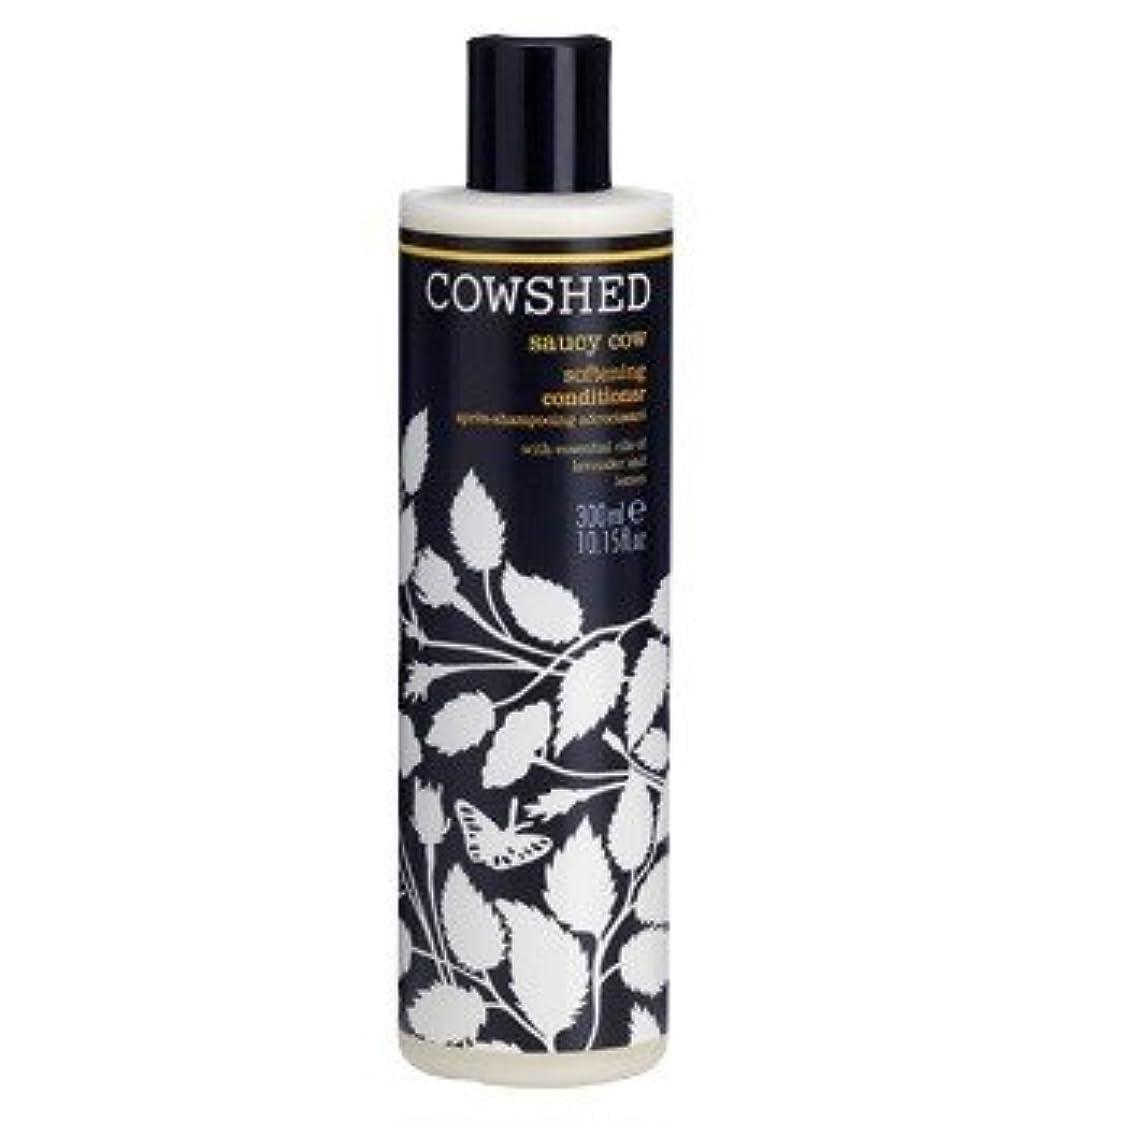 リファインリファイン魚牛舎生意気な牛軟化コンディショナー300ミリリットル (Cowshed) (x2) - Cowshed Saucy Cow Softening Conditioner 300ml (Pack of 2) [並行輸入品]